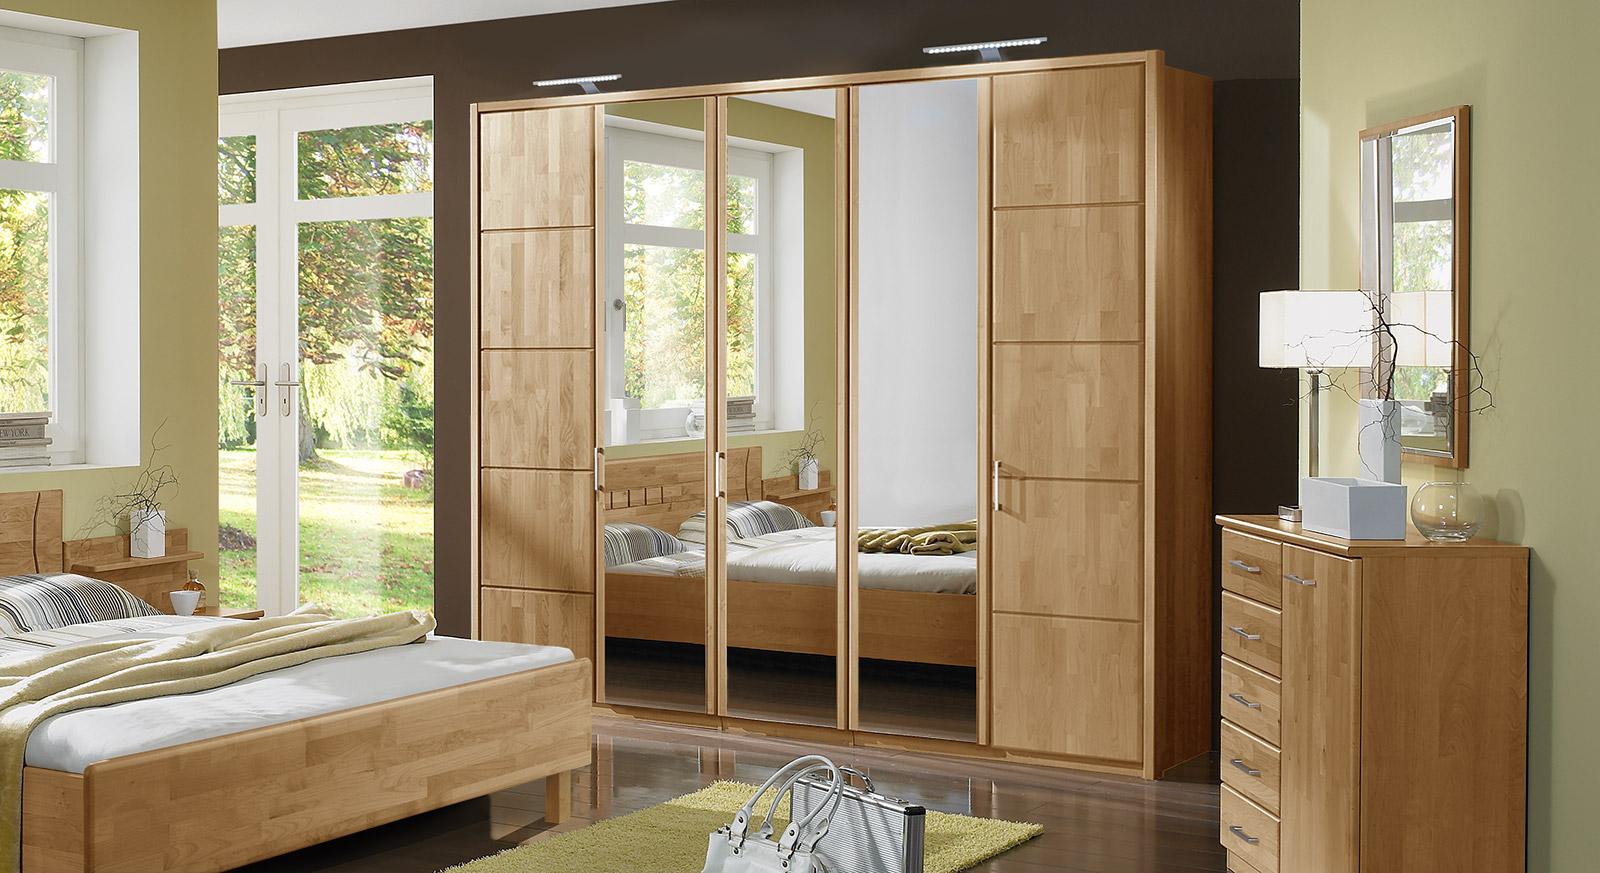 Full Size of Schlafzimmerschränke Schlafzimmerschrank Mit Drehtren In Erle Teilmassiv Beyla Wohnzimmer Schlafzimmerschränke